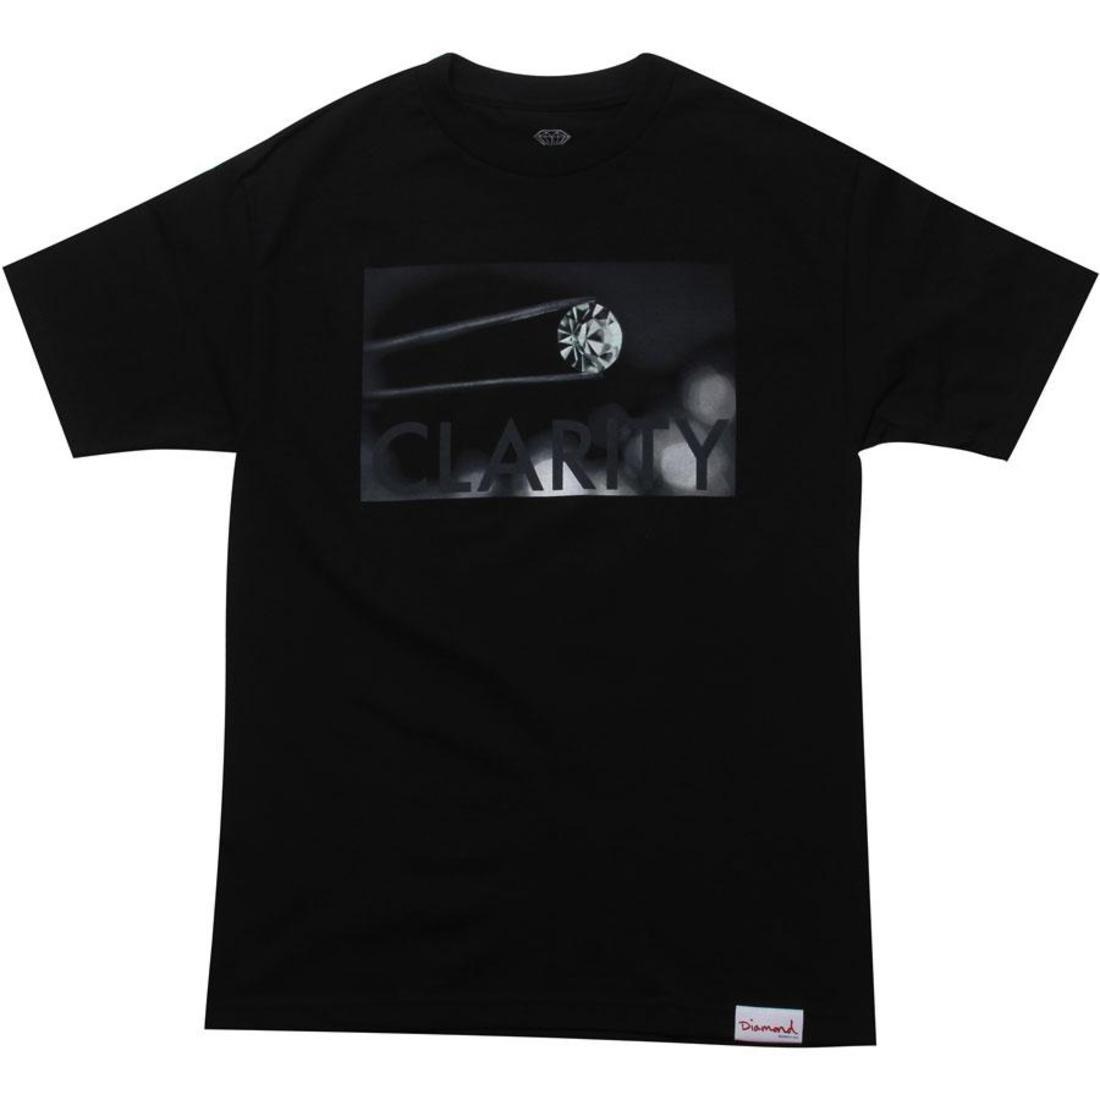 【海外限定】ダイヤモンド サプライ Tシャツ トップス メンズファッション 【 SUPPLY DIAMOND CO CLARITY TEE BLACK 】